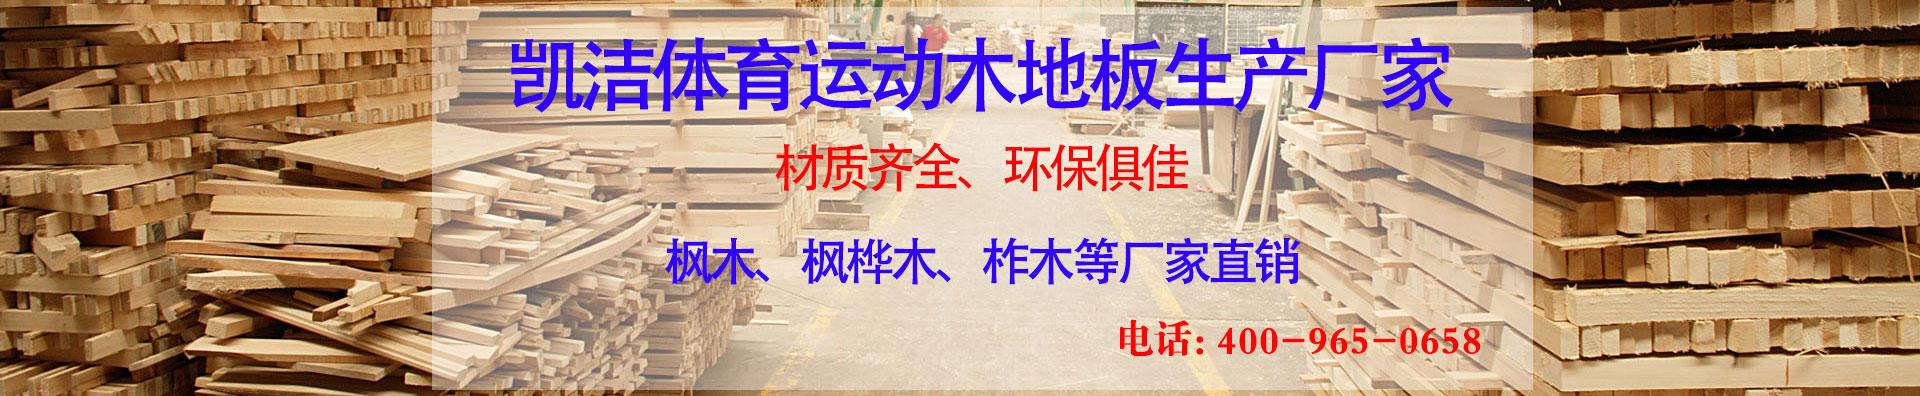 四川硬木企口long8官网long8国际官网娱乐什么品牌好_凯洁运动long8龙8国际